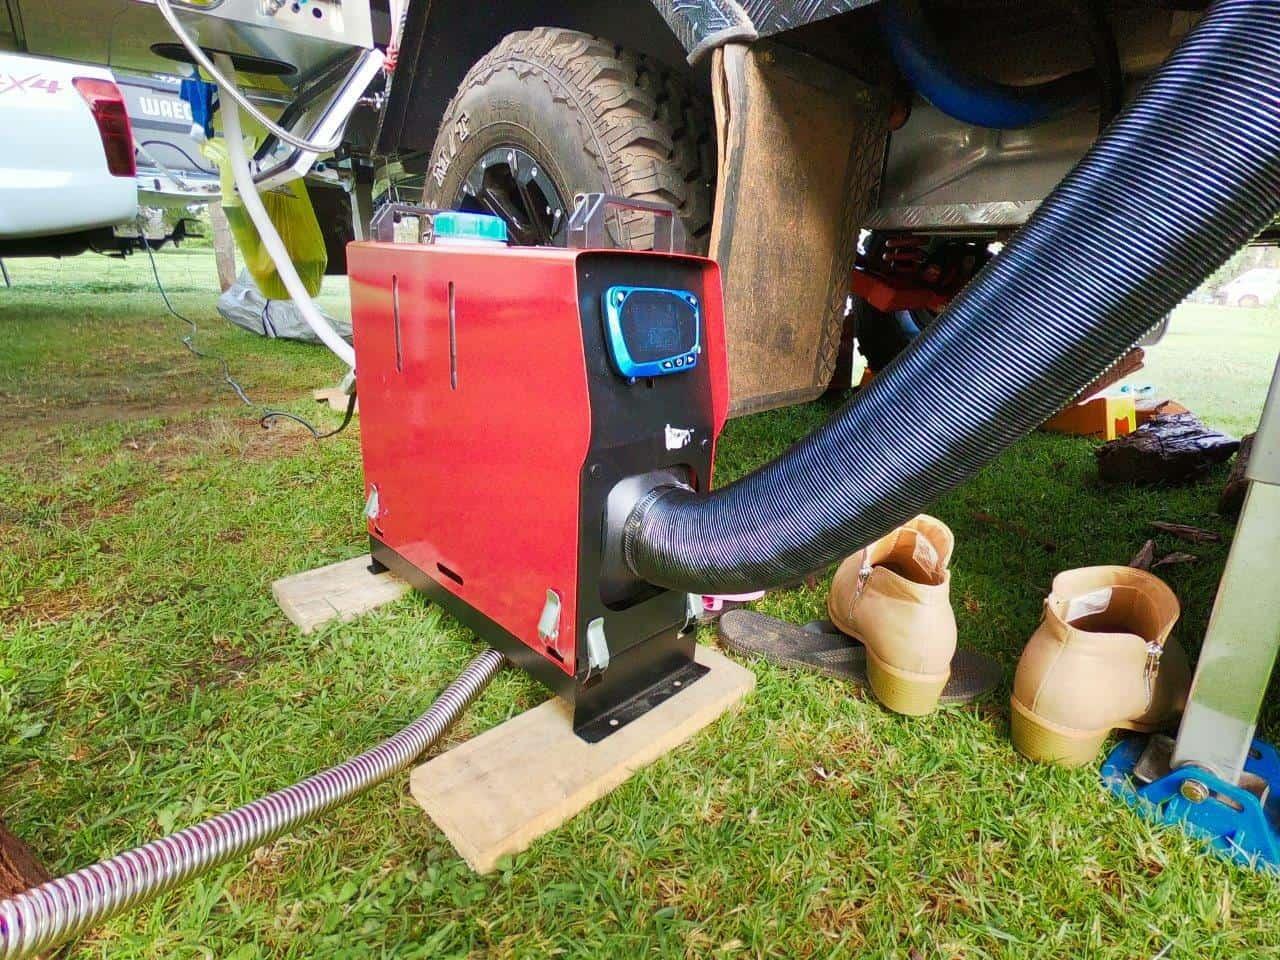 Portable Diesel heater